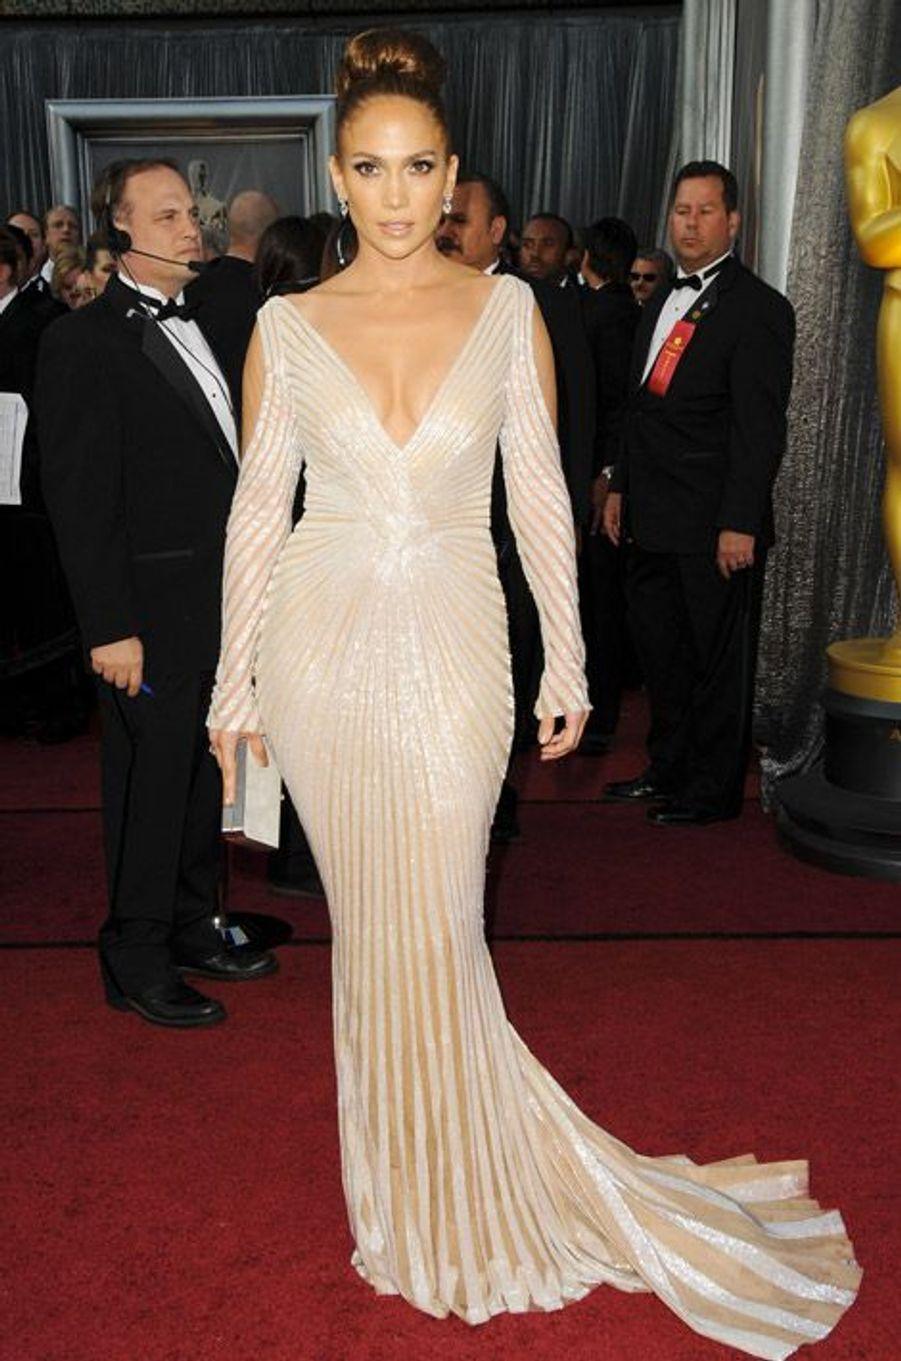 La chanteuse Jennifer Lopez lors de la cérémonie des Oscars en 2012, dans une robe signée Zuhair Murad